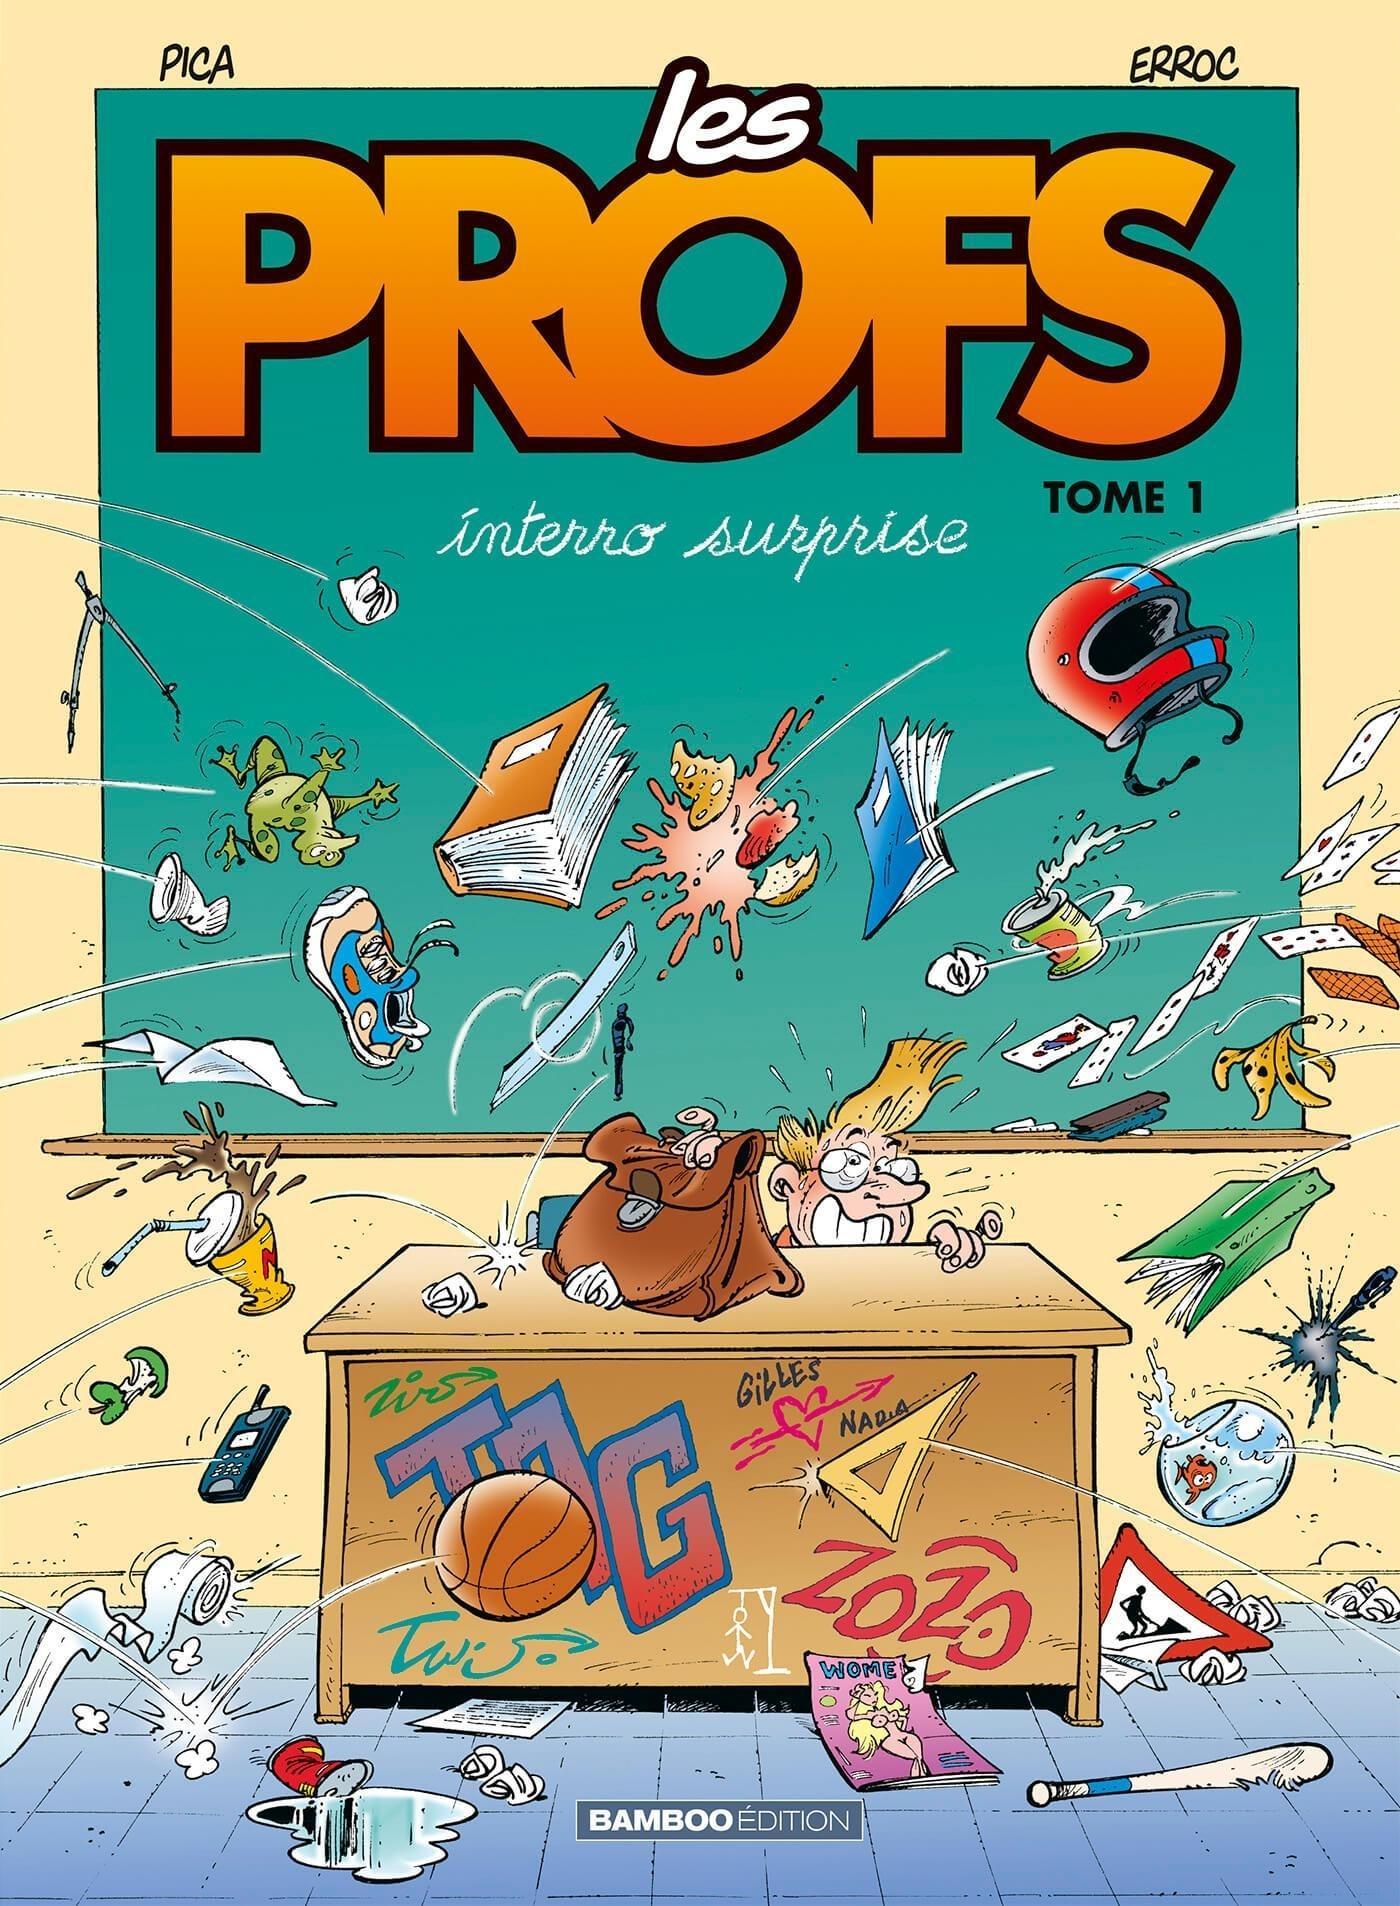 LES PROFS - TOME 1 - INTERRO SURPRISE